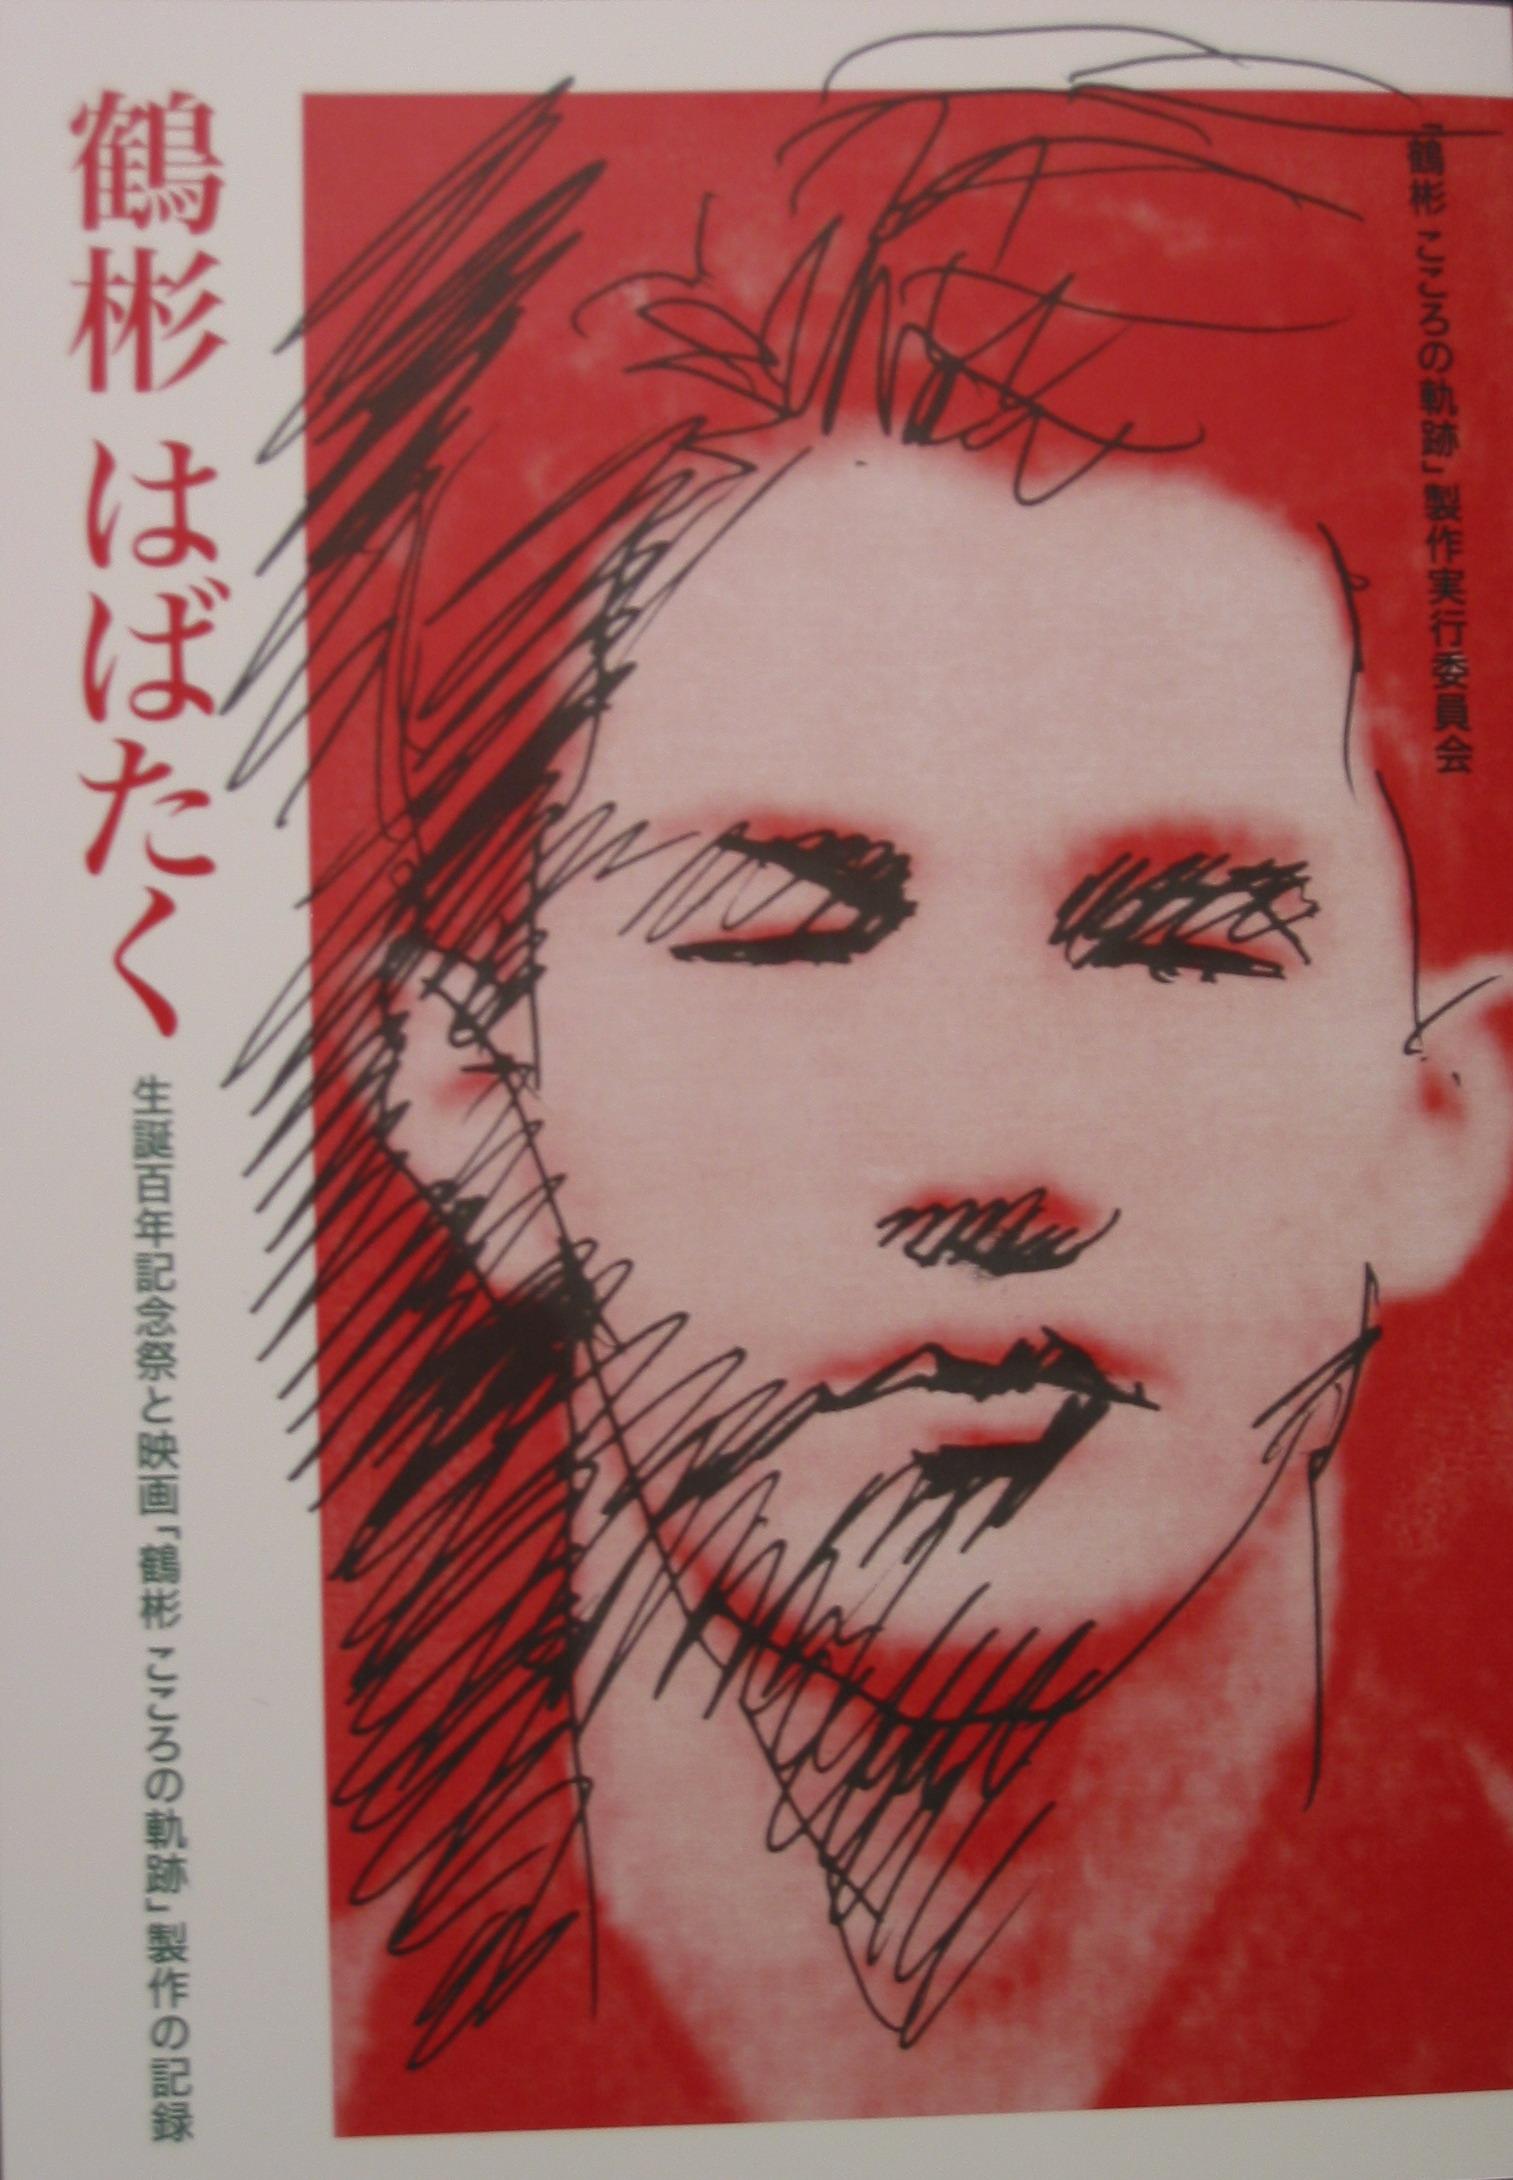 『鶴彬―こころの軌跡』映画制作の記録